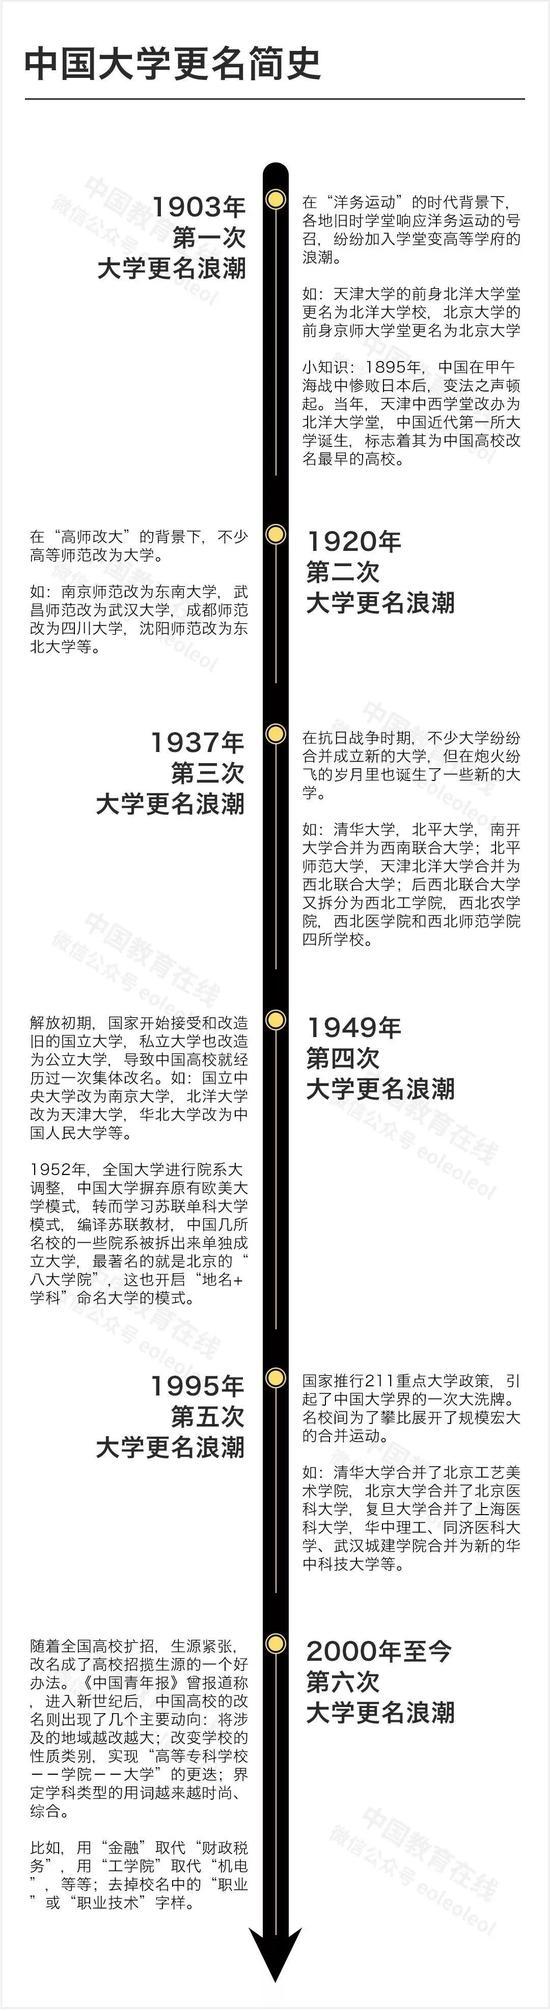 """高校更名三大路线42所""""双一流""""高校的改名史"""